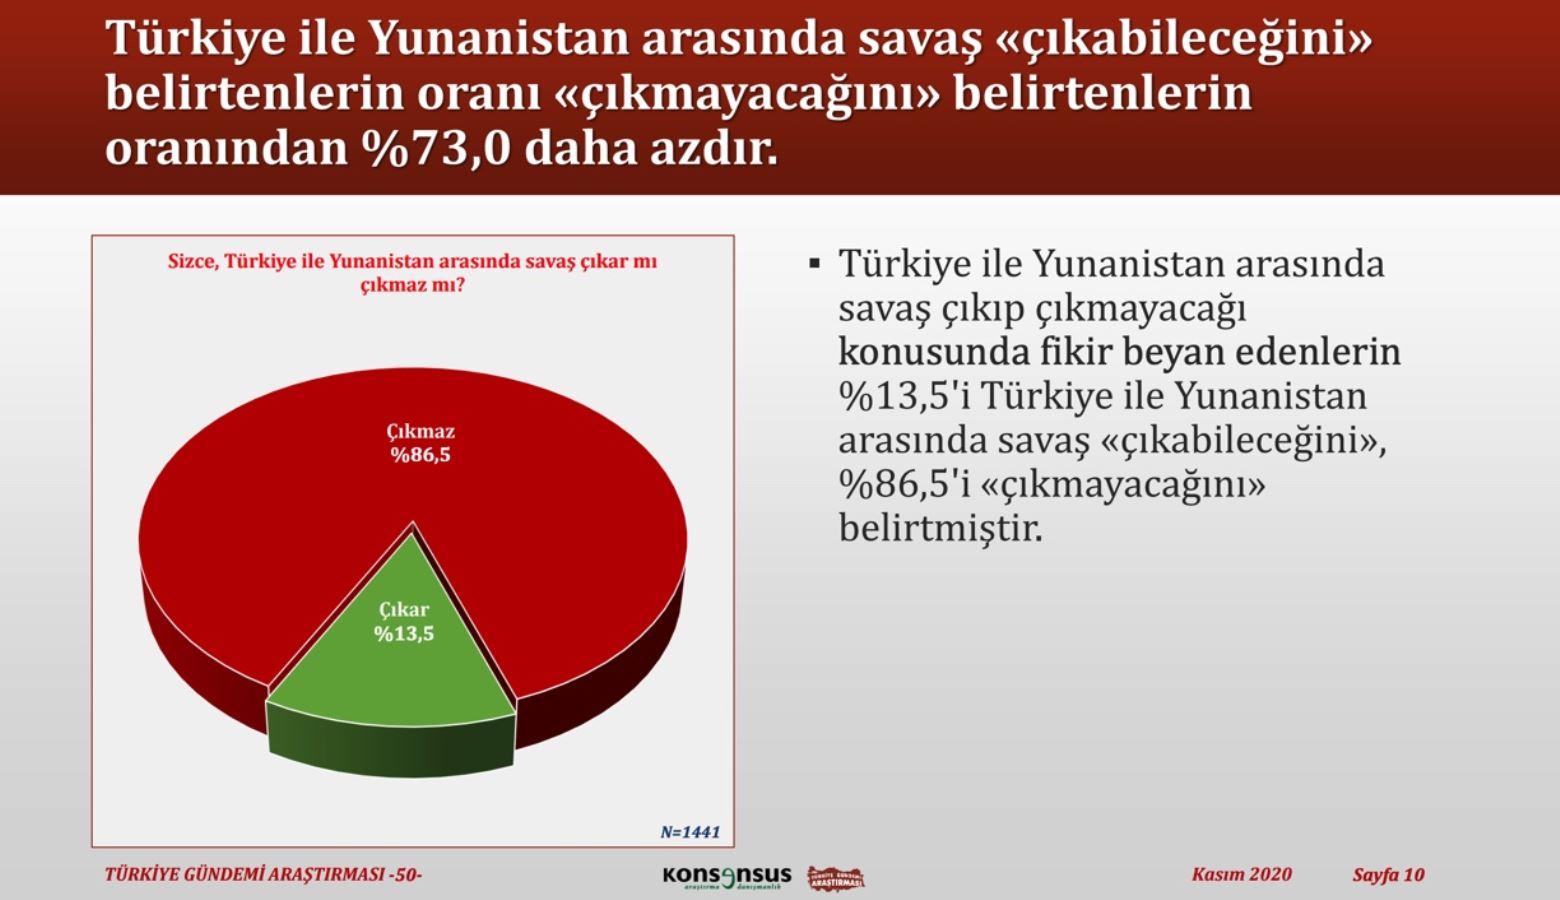 """<p>""""Türkiye ile Yunanistan arasında savaş çıkar mı çıkmaz mı?"""" sorusuna ise çıkabileceğini belirtenlerin oranı çıkmayacağını belirtenlerin oranından %73,0 daha az oldu.<br></p>"""